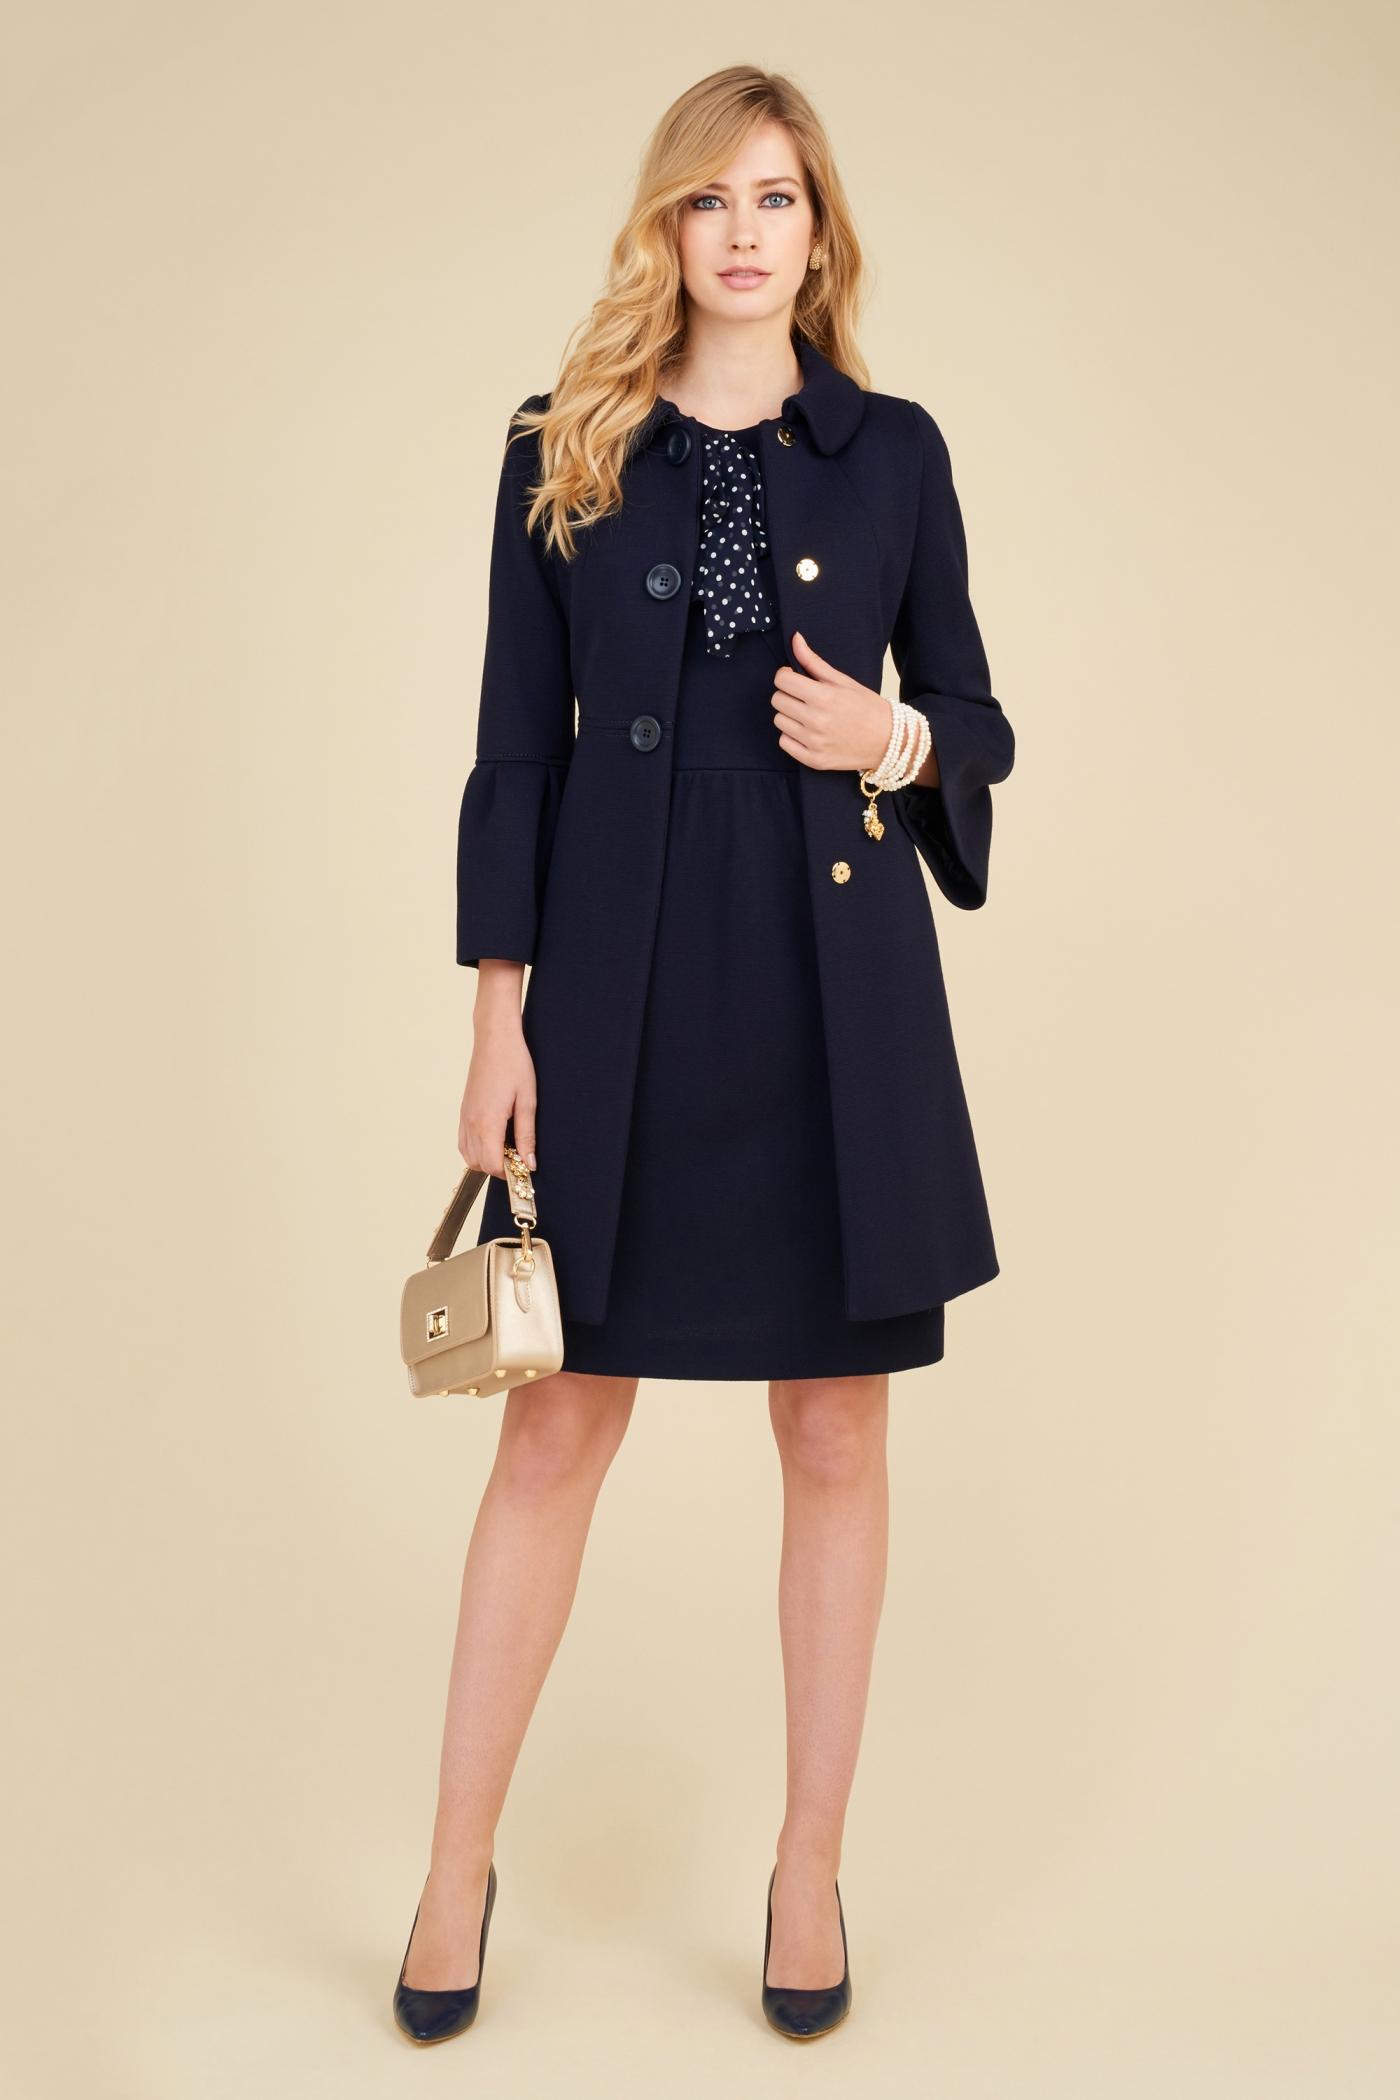 Cappotto con maniche midi Luisa Spagnoli collezione primavera estate 2018